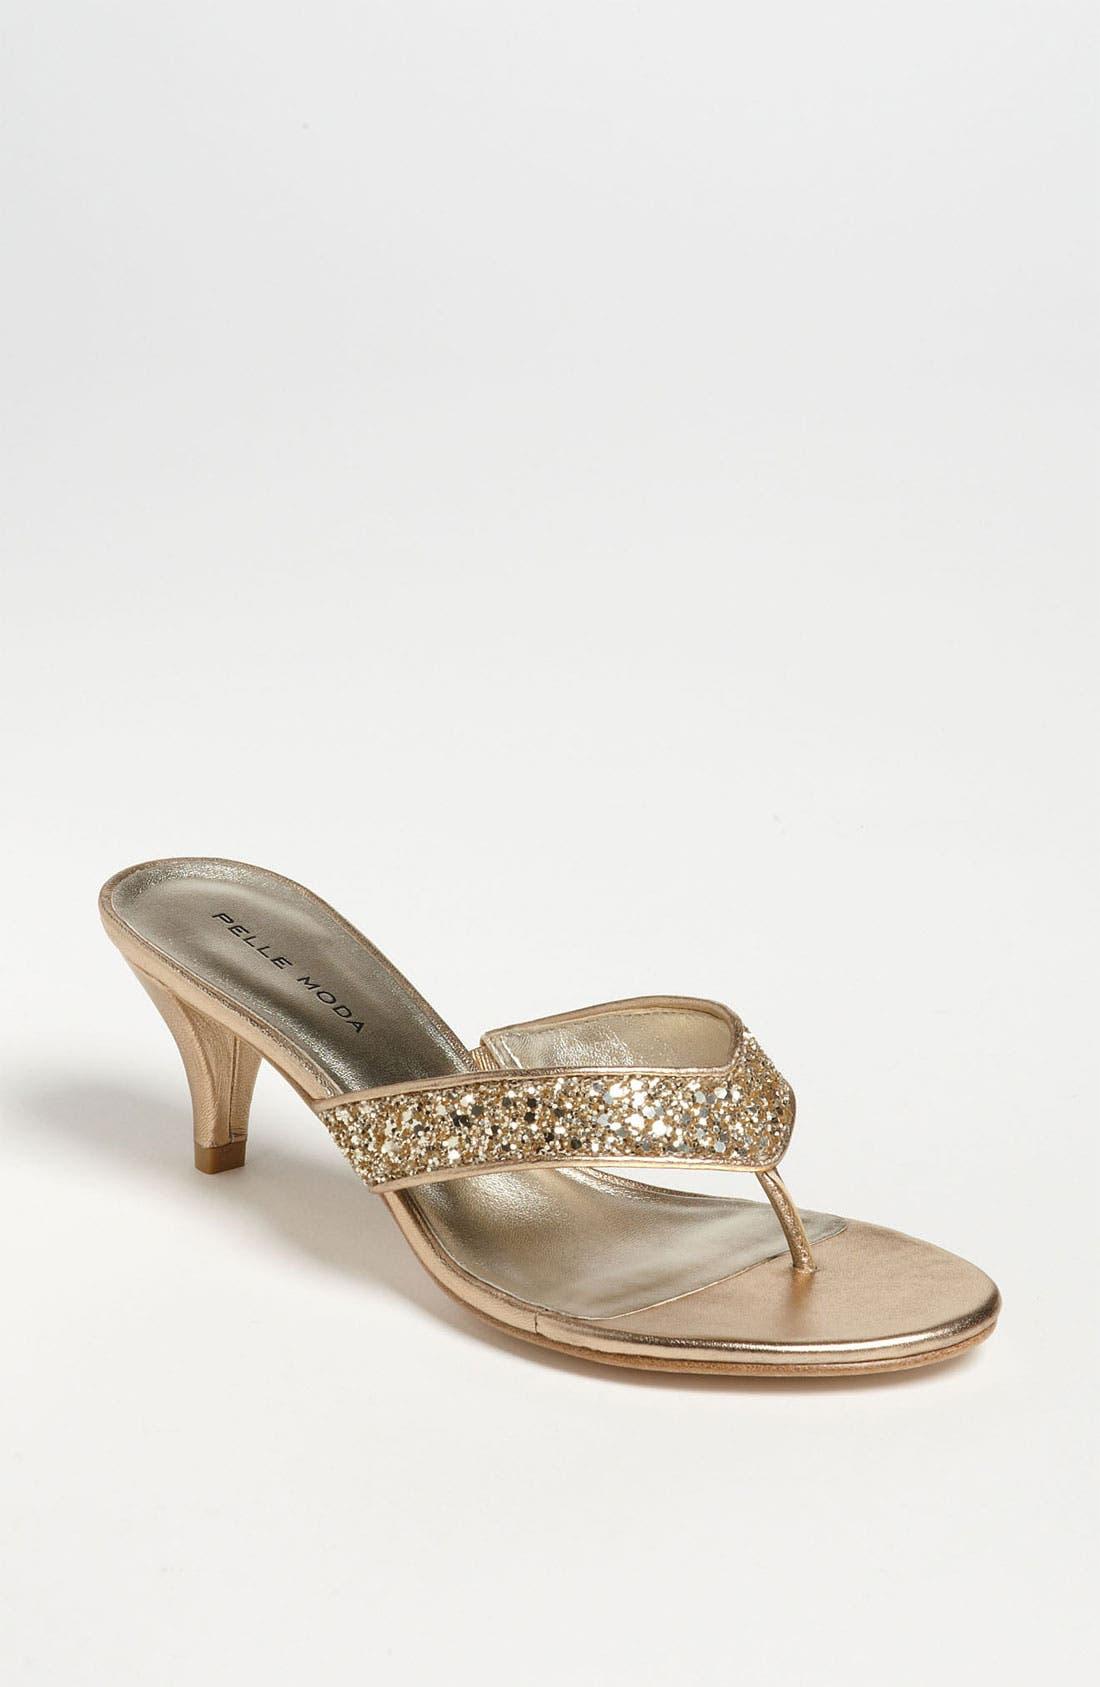 Alternate Image 1 Selected - Pelle Moda 'Hadlin' Sandal